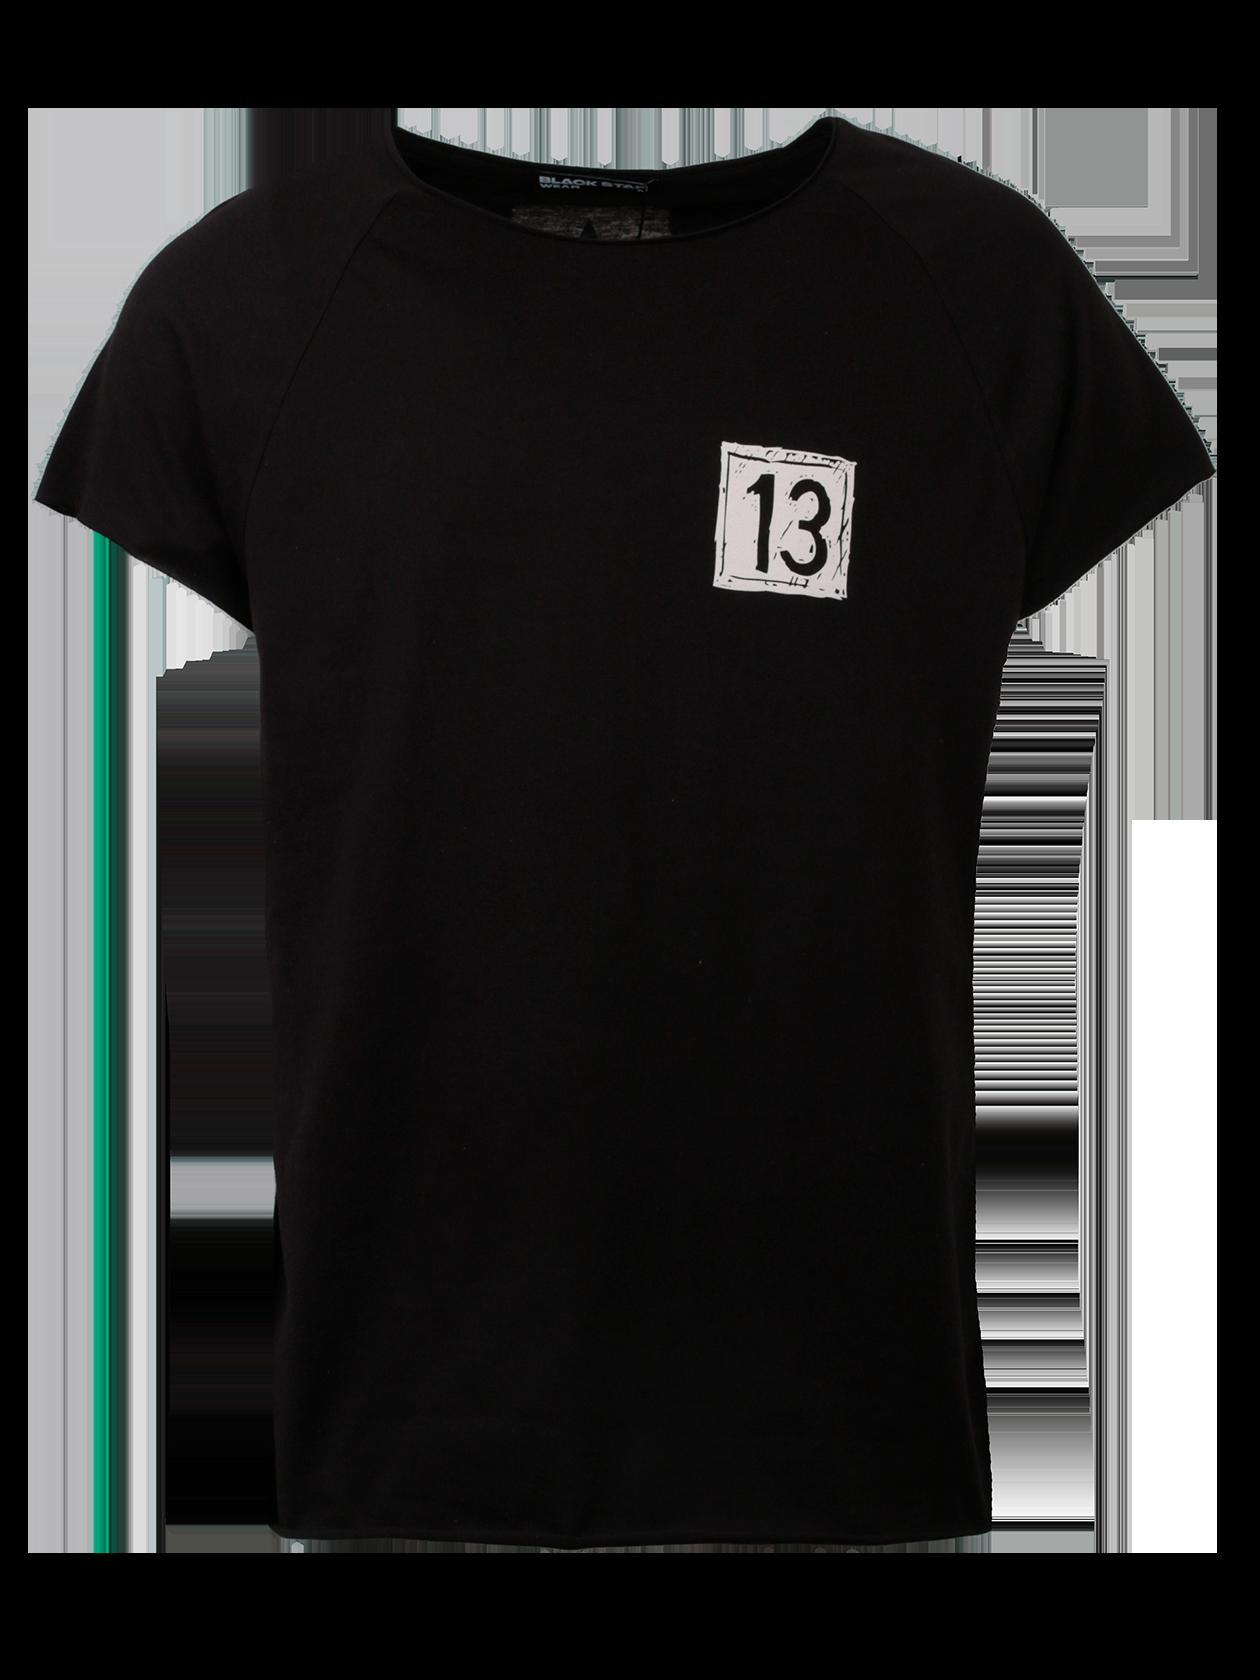 Футболка мужская DRAW BLACK STARУдобная футболка мужская Draw Black Star – идеальное решение для спорта и отдыха. Модель классического кроя с прямым, свободным силуэтом, дополнена коротким рукавом регланом. Неглубокая горловина содержит жаккардовую нашивку с логотипом бренда Black Star Wear на внутренней стороне спинки. Изделие представлено в базовой черной расцветке. На груди небольшой принт в виде белого квадрата с цифрой 13, вдоль центра спины оформлена декоративная белая полоска с надписью Black Star и звездами. Высококачественный хлопок обеспечивает отличный воздухообмен, создавая максимальный комфорт движений.<br><br>Размер: XL<br>Цвет: Черный<br>Пол: Мужской